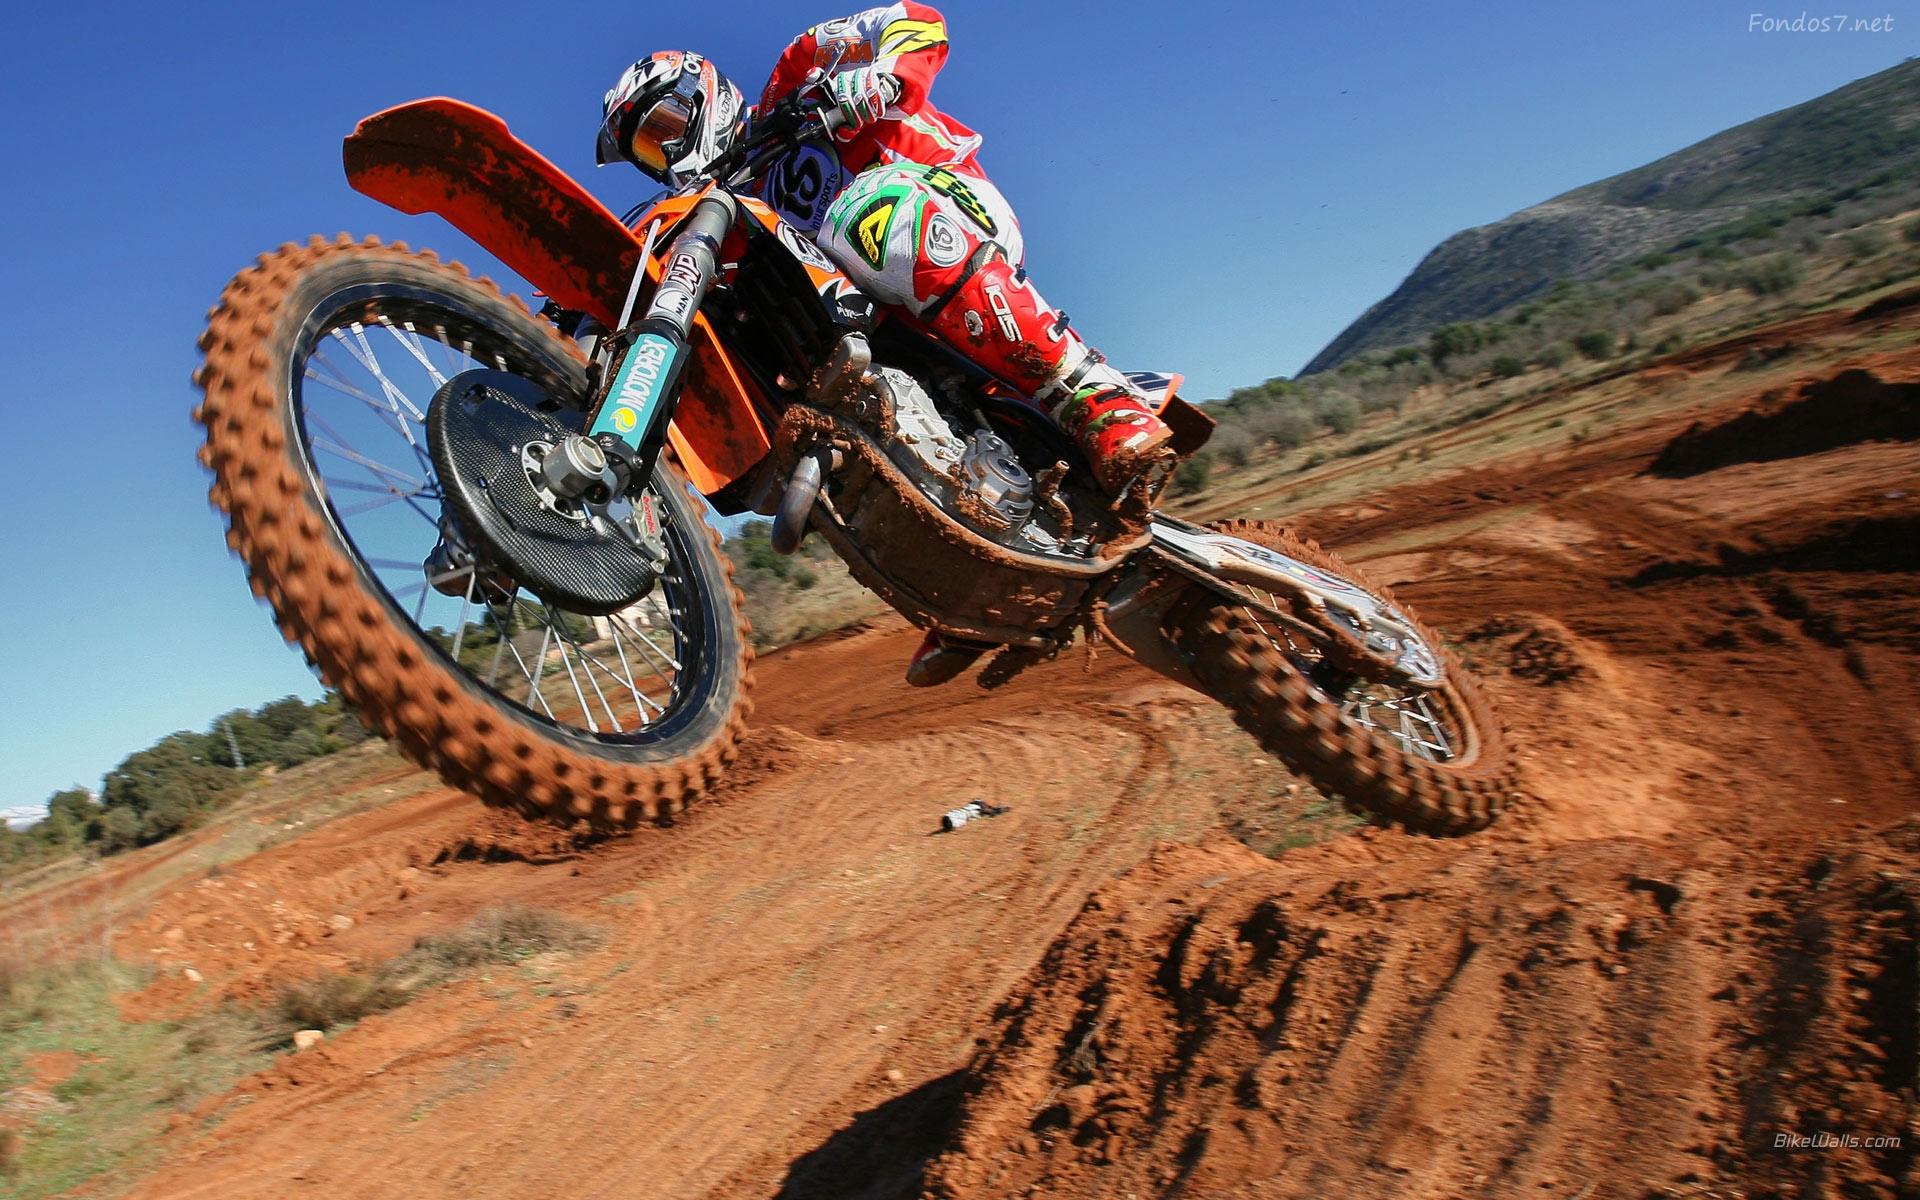 Descargar Fondos de pantalla saltos en motocross 2011 hd widescreen 1920x1200